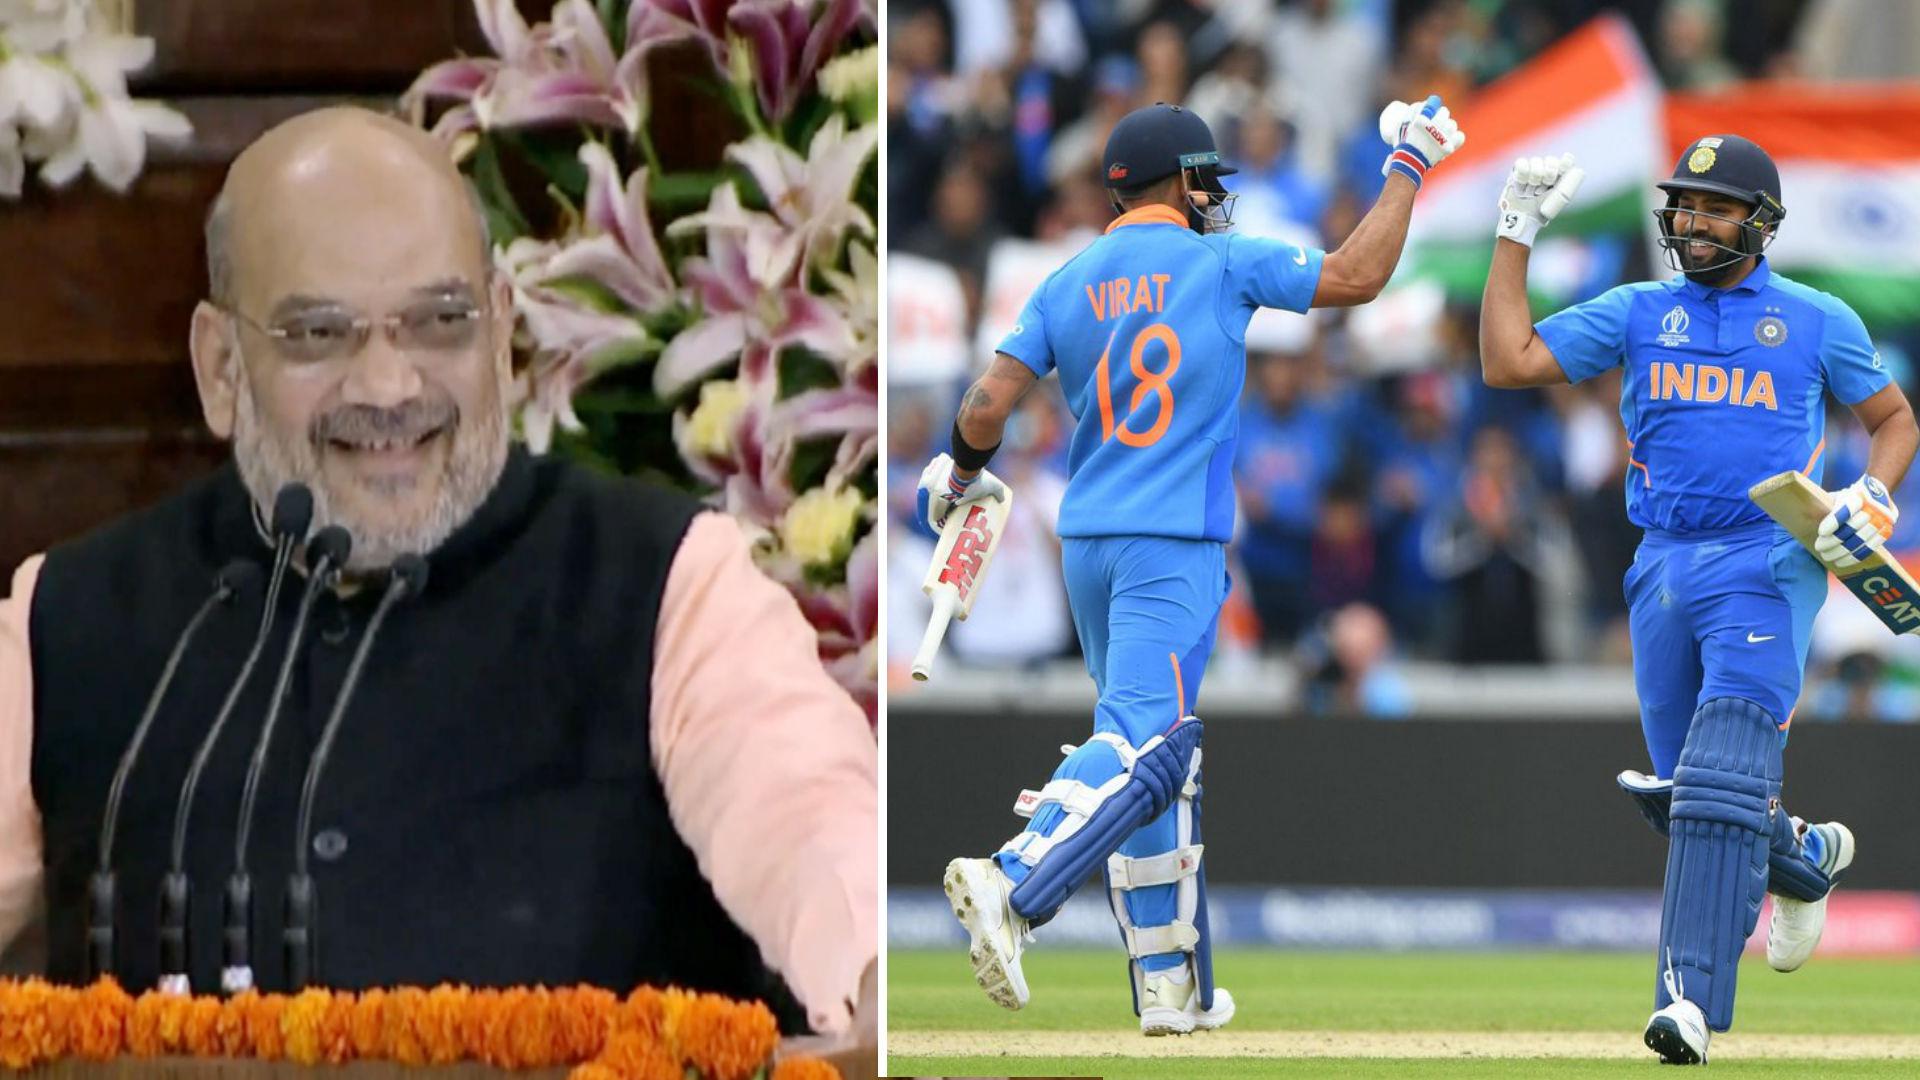 World Cup 2019: भारत ने पाकिस्तान को हराया, गृह मंत्री अमित शाह बोले- पड़ोसी मुल्क पर हुई एक और स्ट्राइक